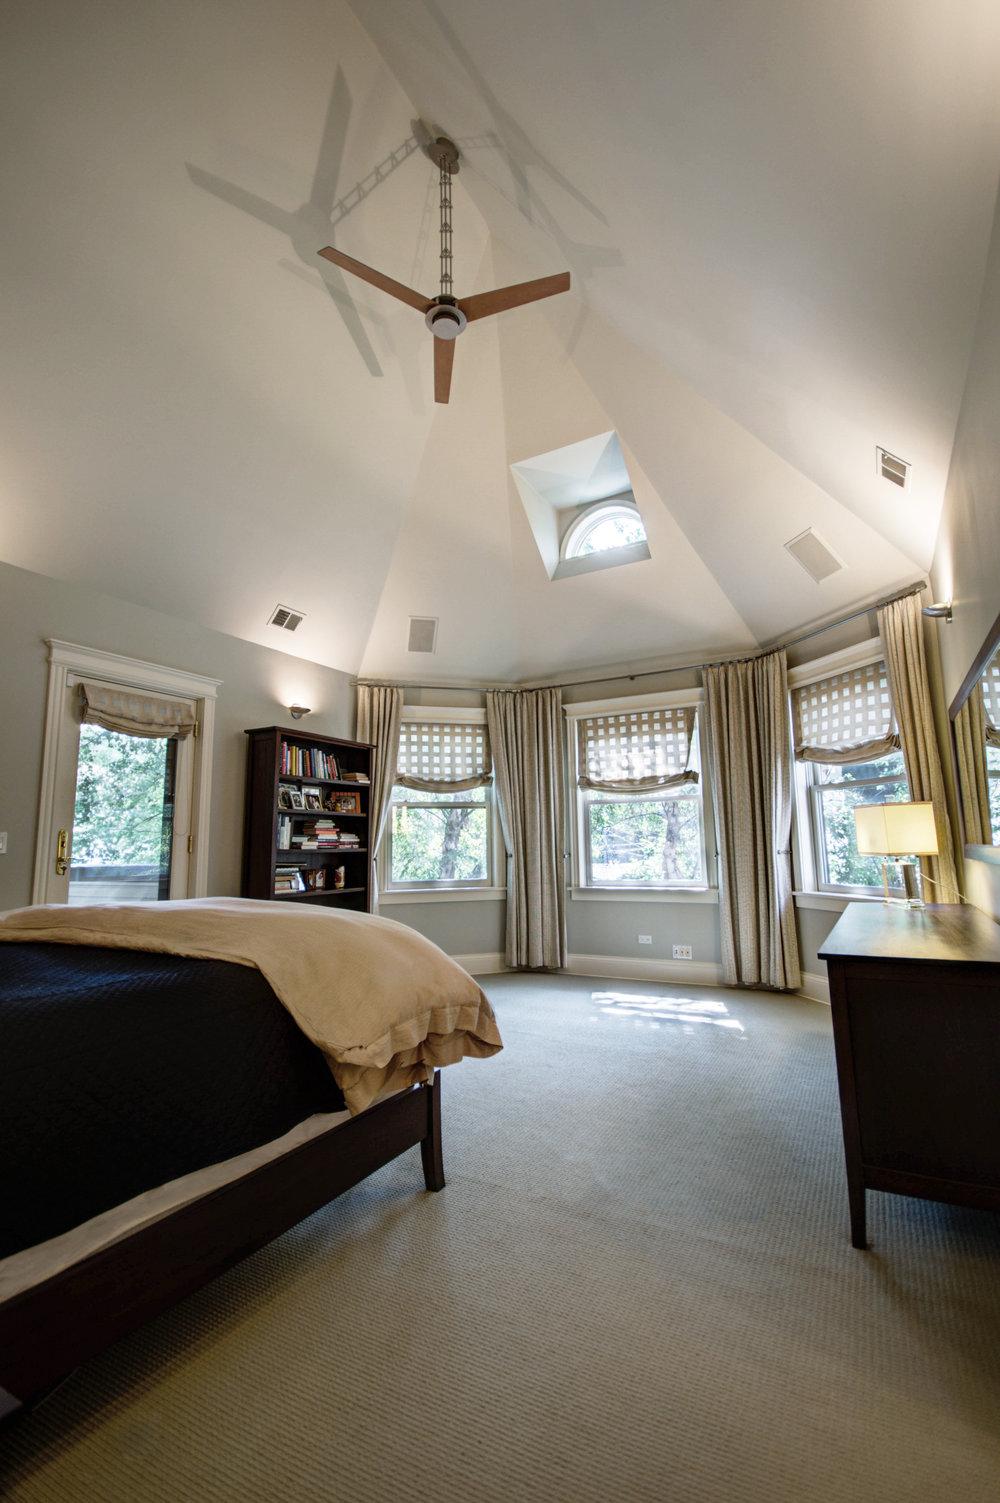 $1,599,000 - 2017 | Lakewood Balmoral